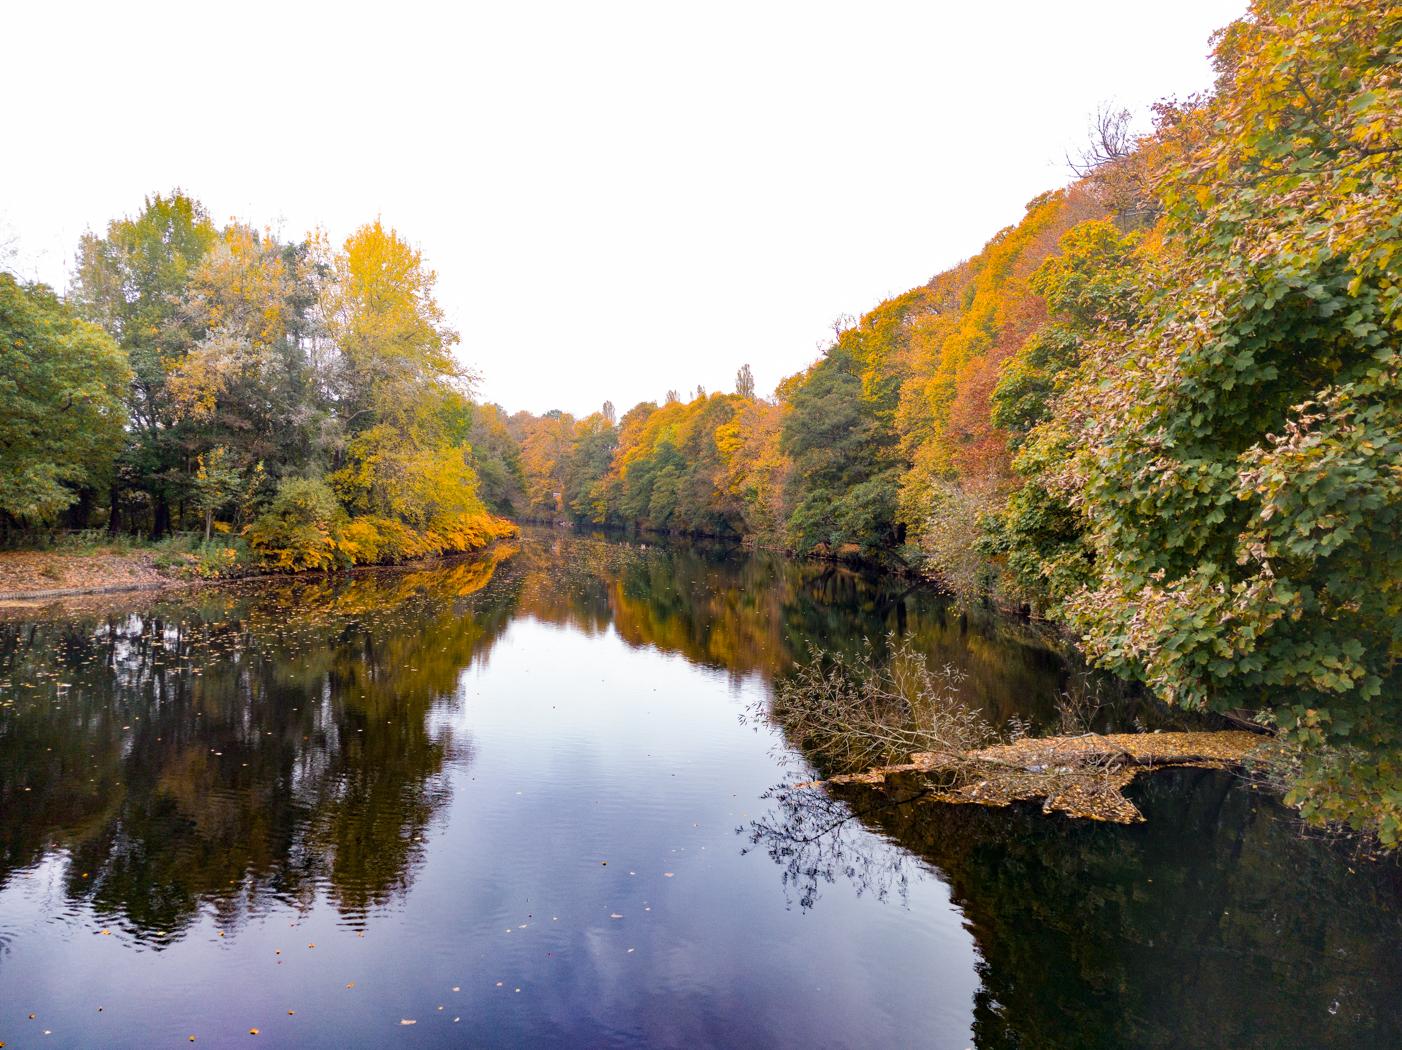 River Taff at Blackweir